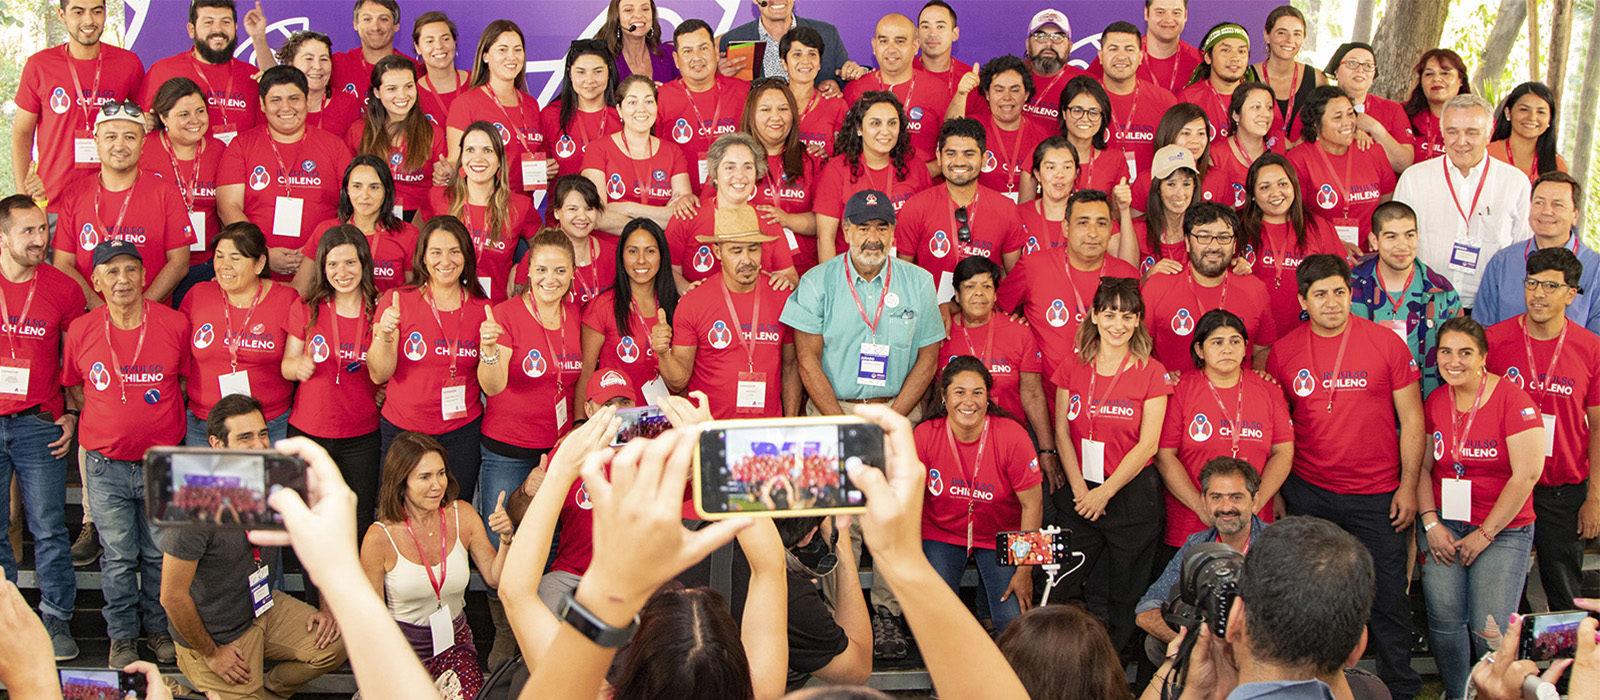 Emprendedoras de Impulso Chileno exponen sus emprendimientos en Matinal Bienvenidos de Canal 13